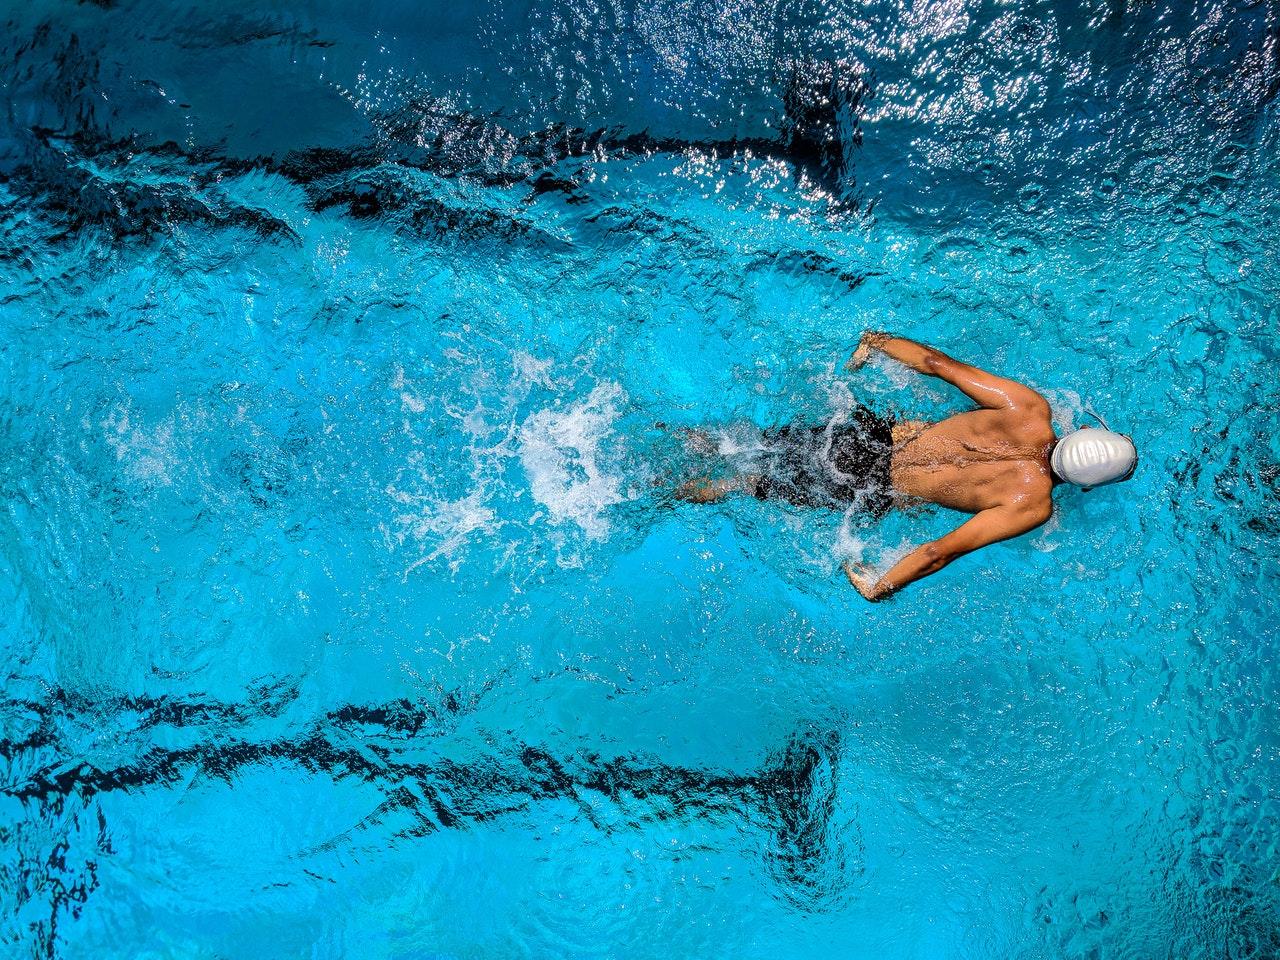 Nageur dans une piscine faisant des longueurs